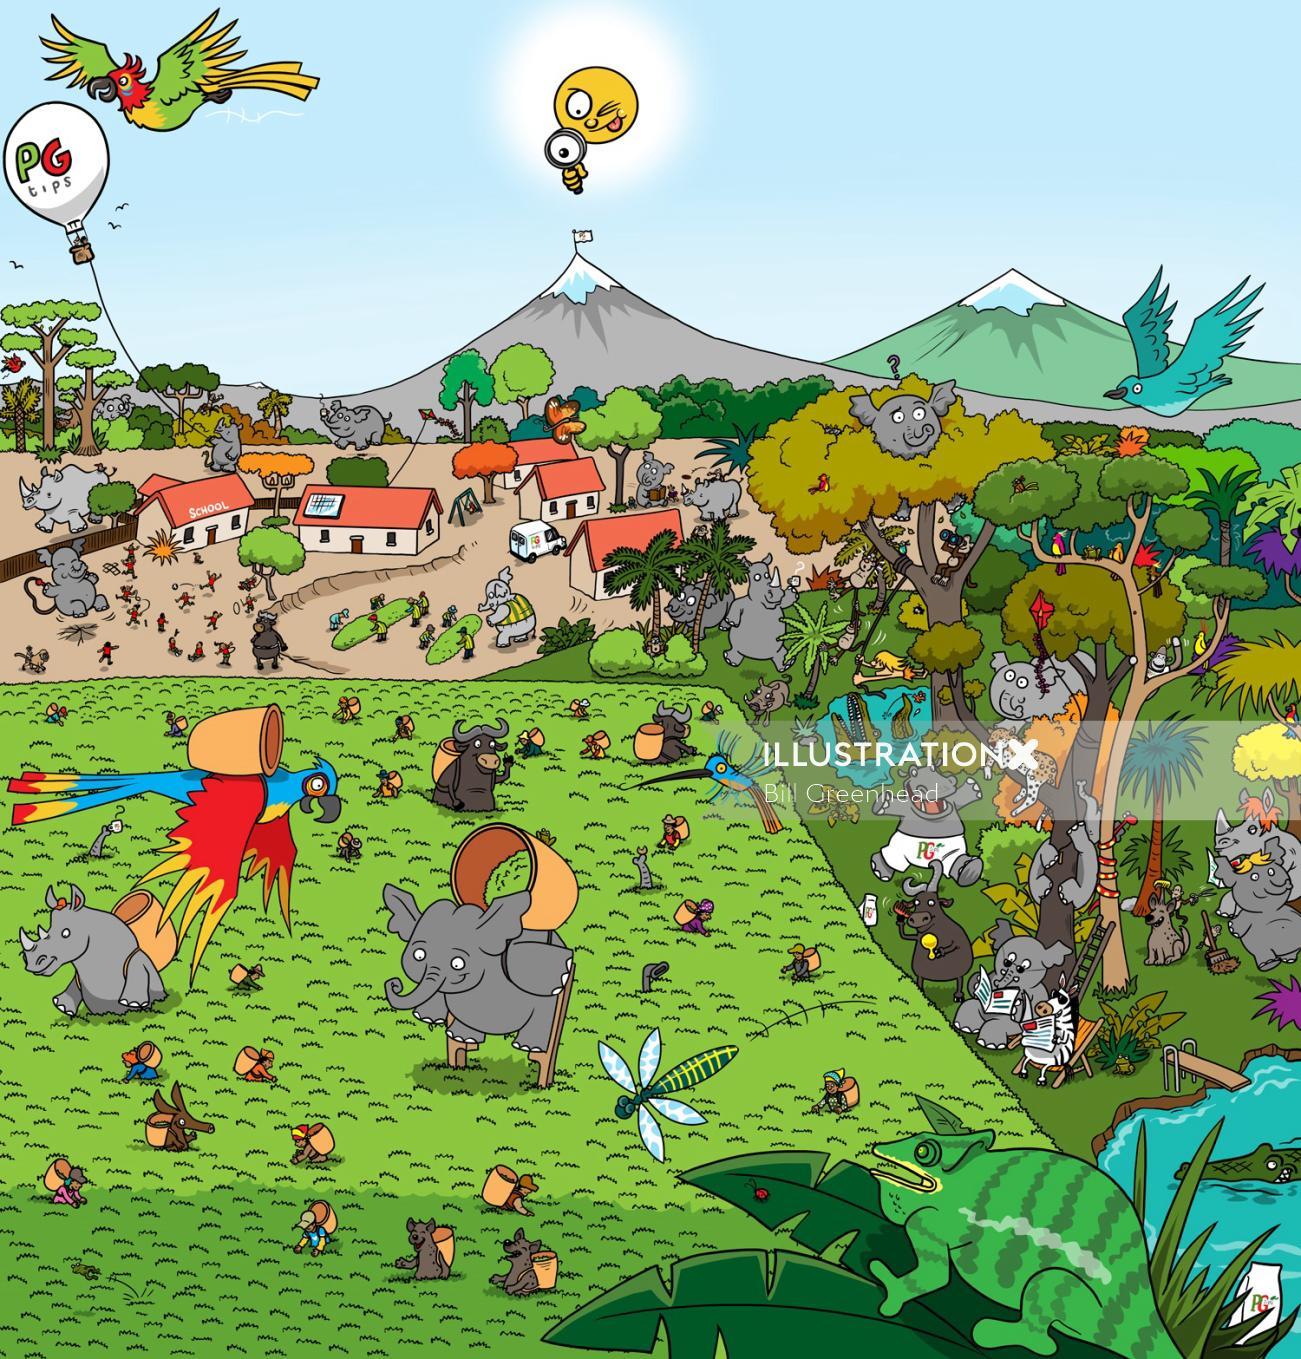 Animal illustration for children's book